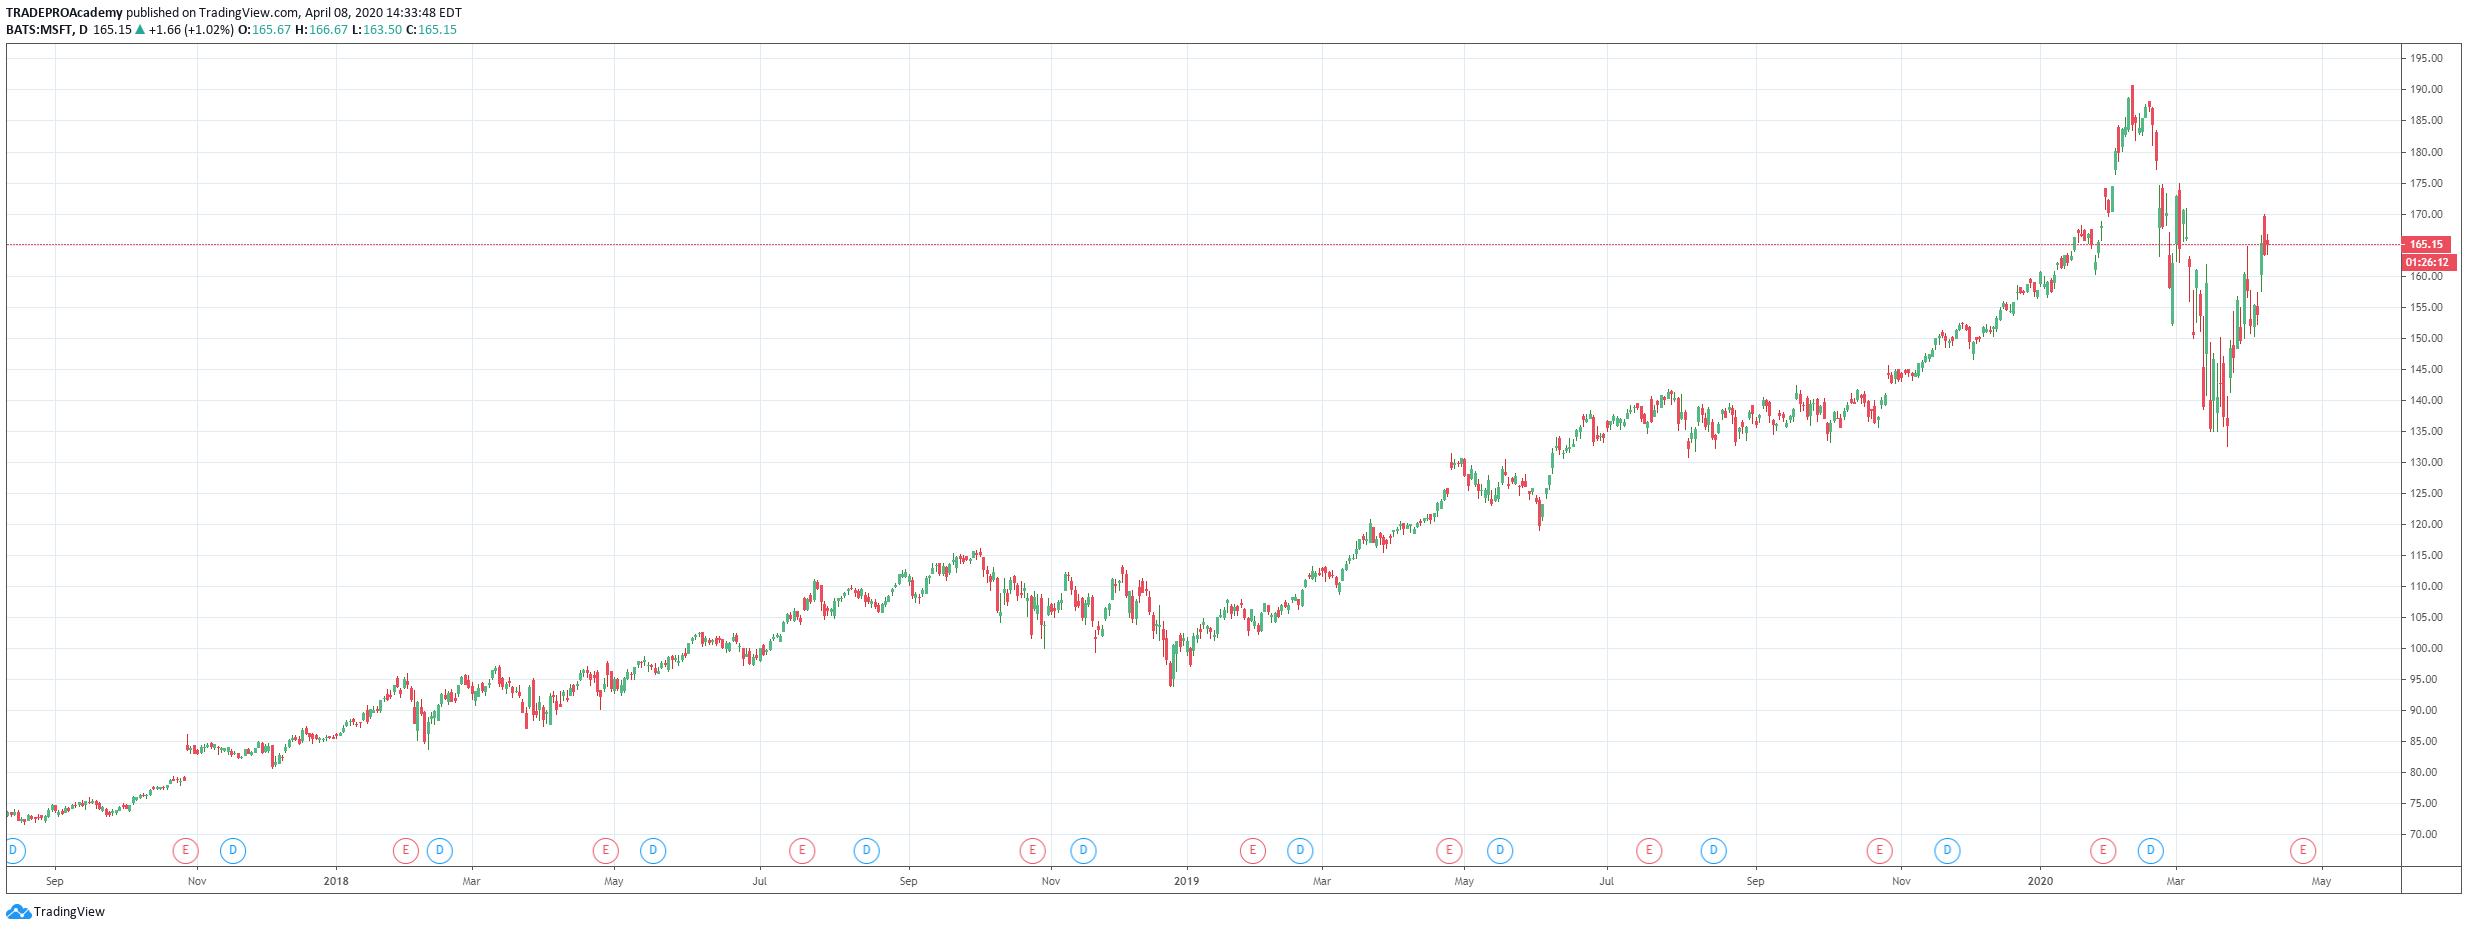 Microsoft (MSFT) Chart